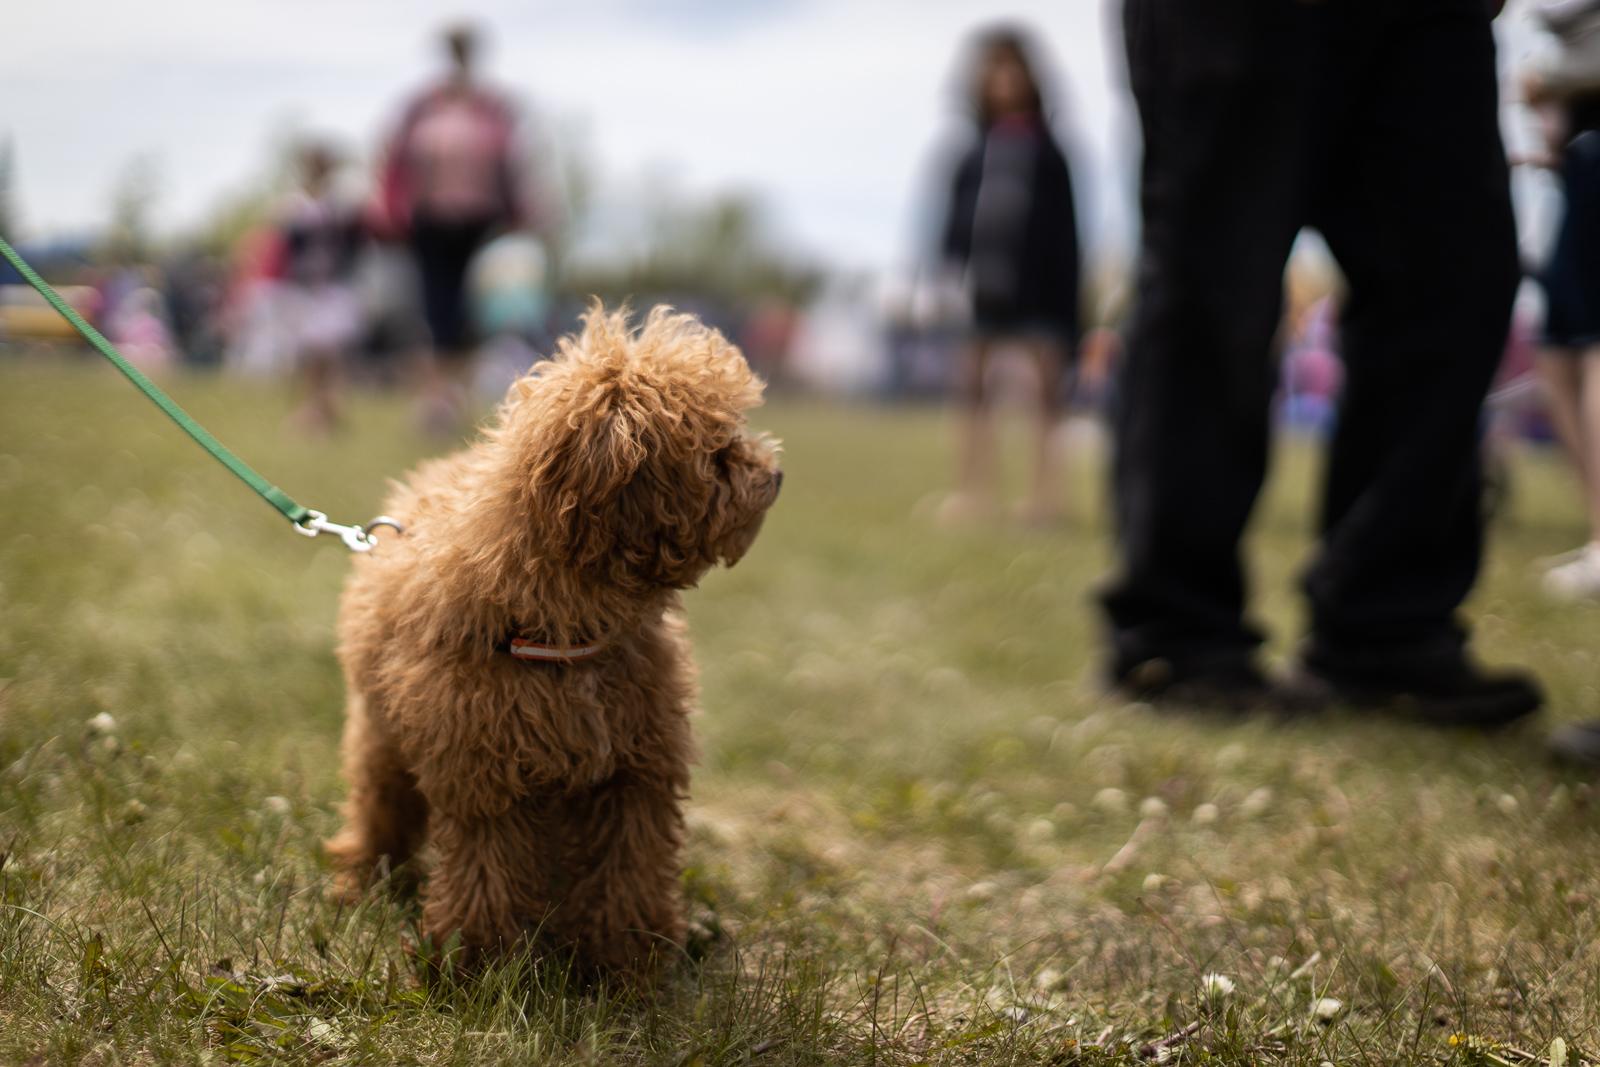 kite-festival-2019-blog-5.jpg